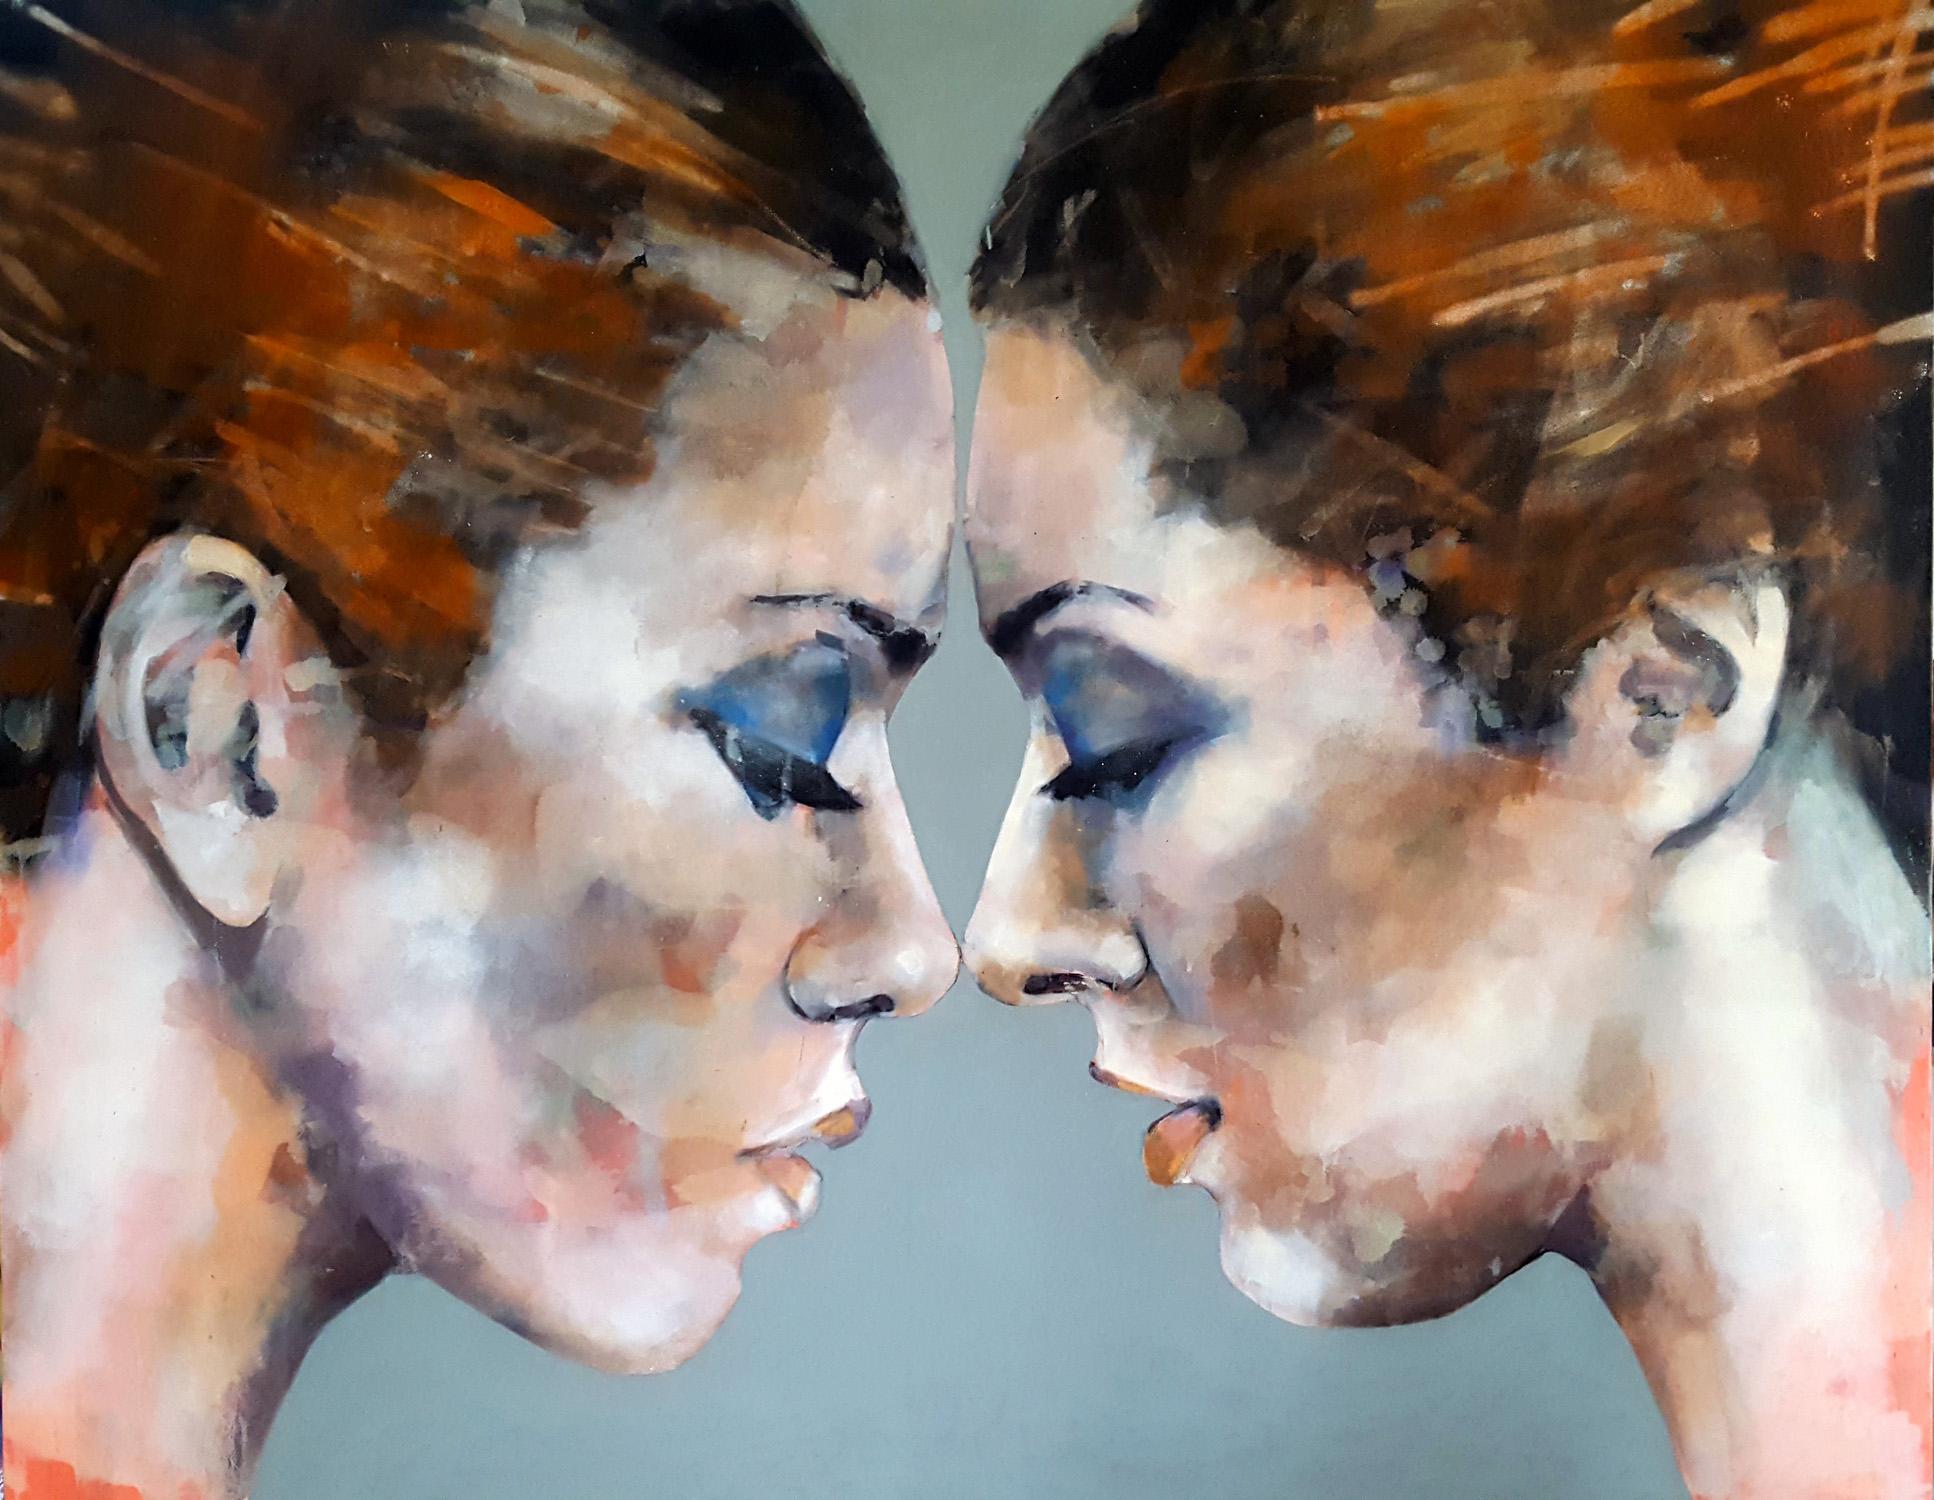 11-22-18-double-head-study-oil-on-canvas